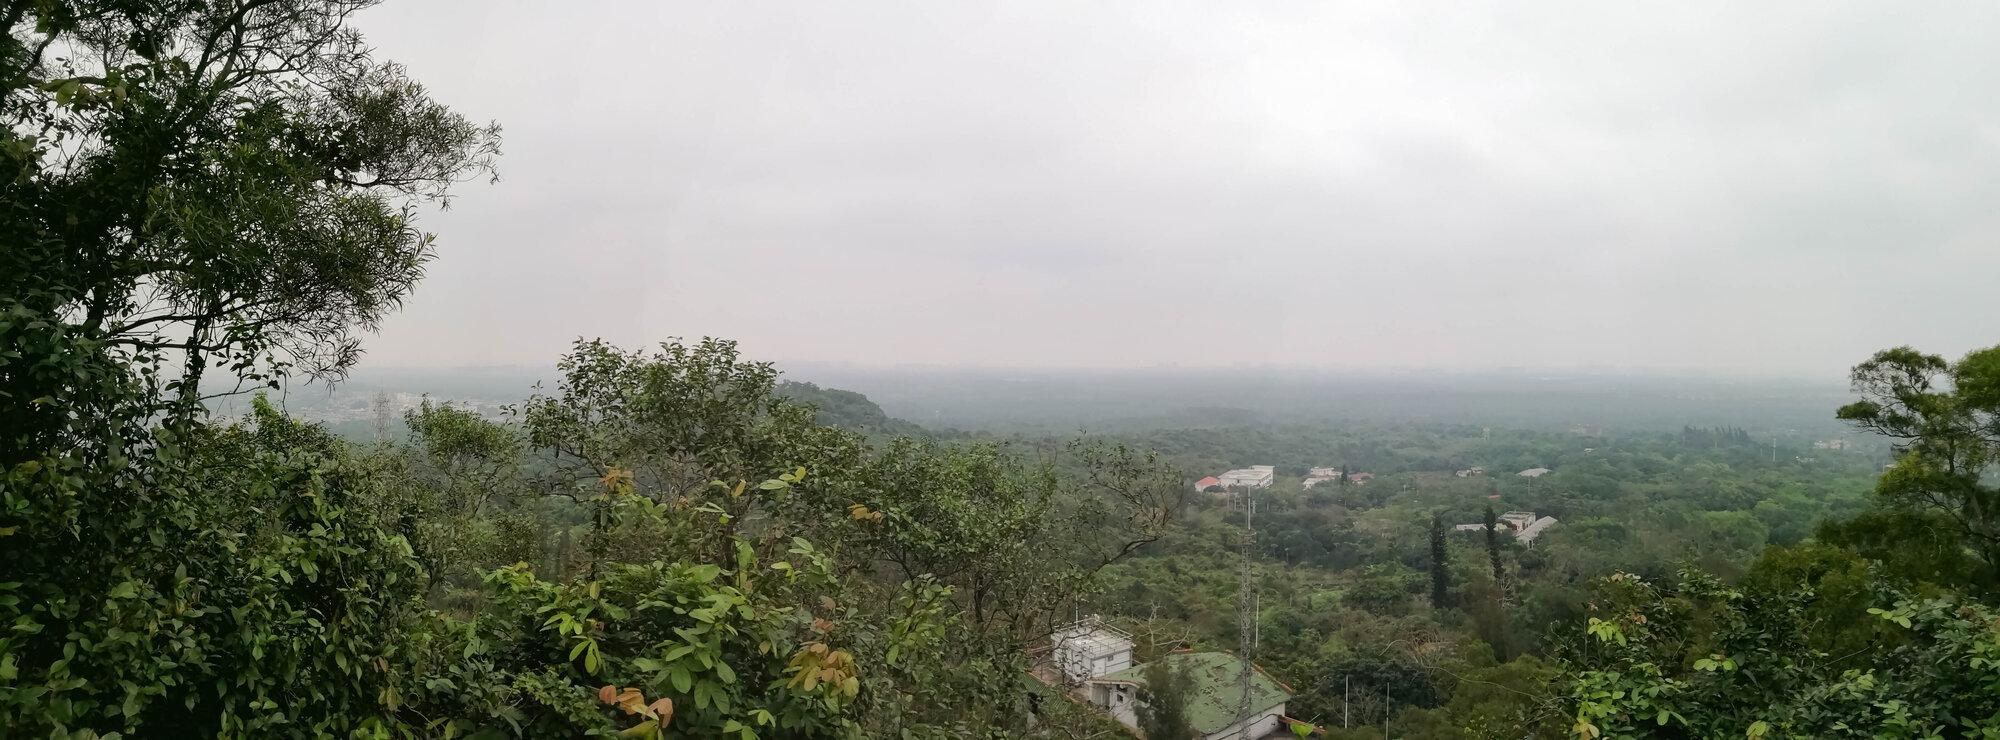 výhled z vrcholu sopky